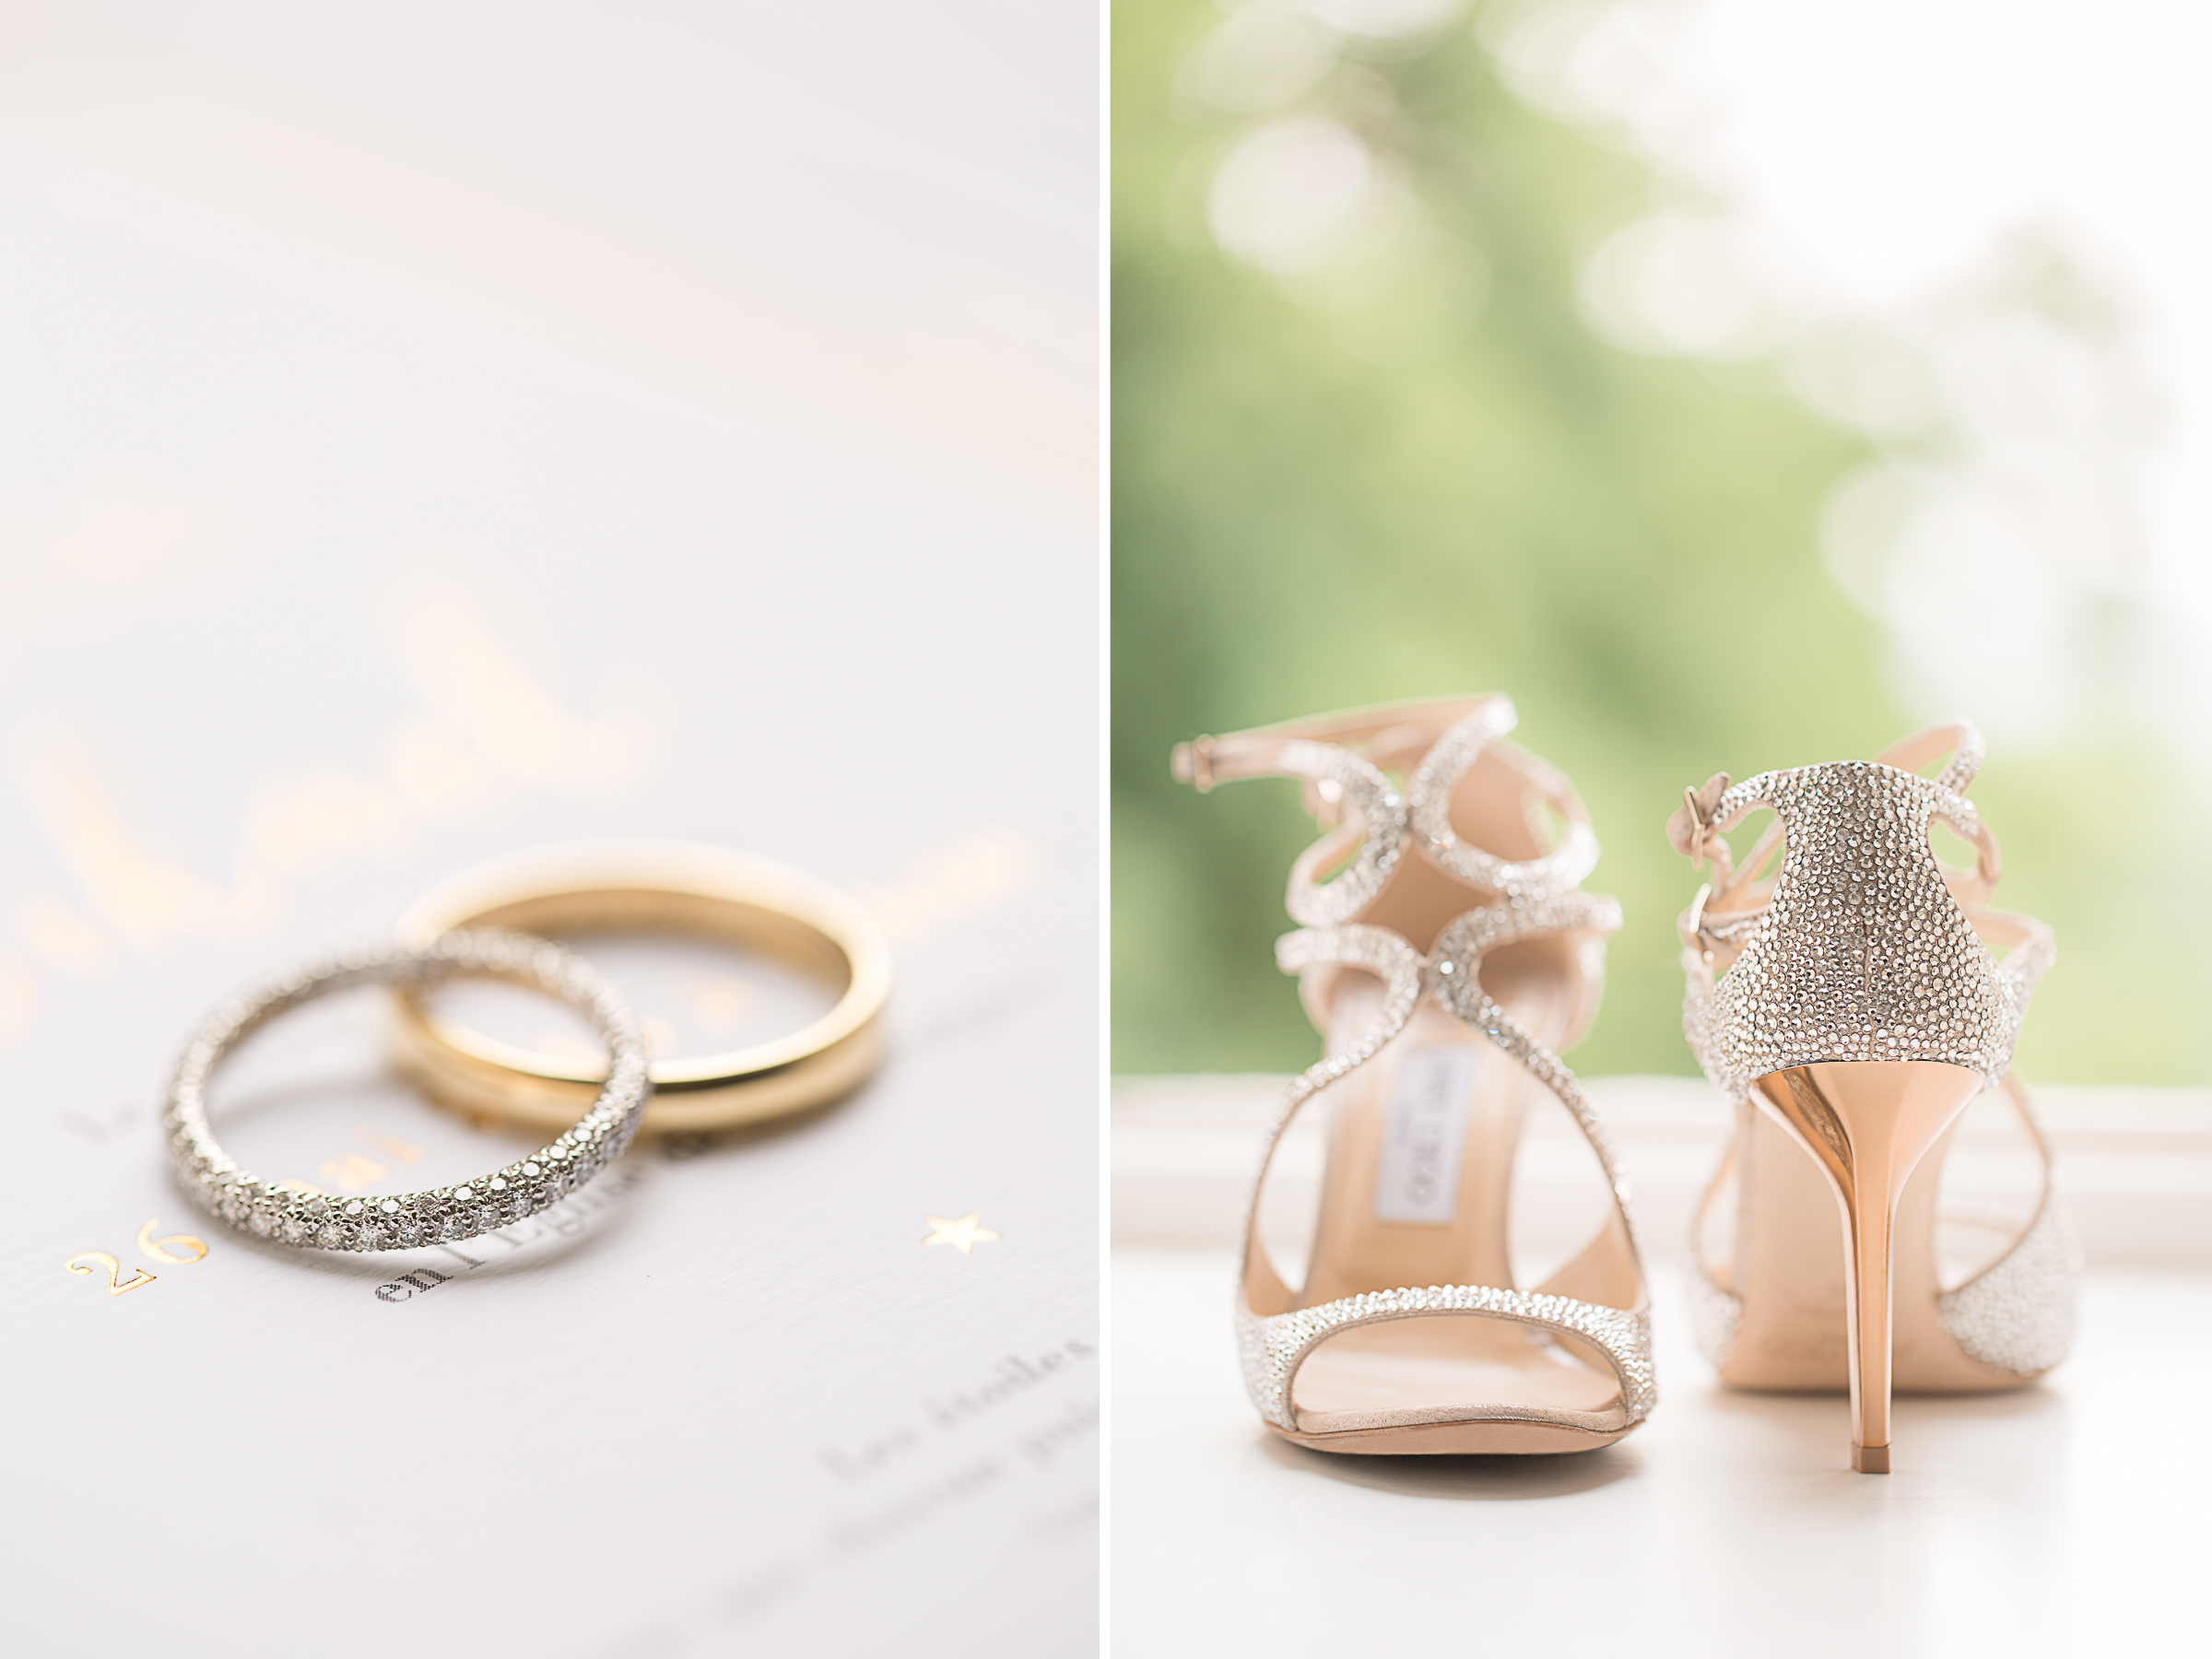 chaussures et alliances du mariage